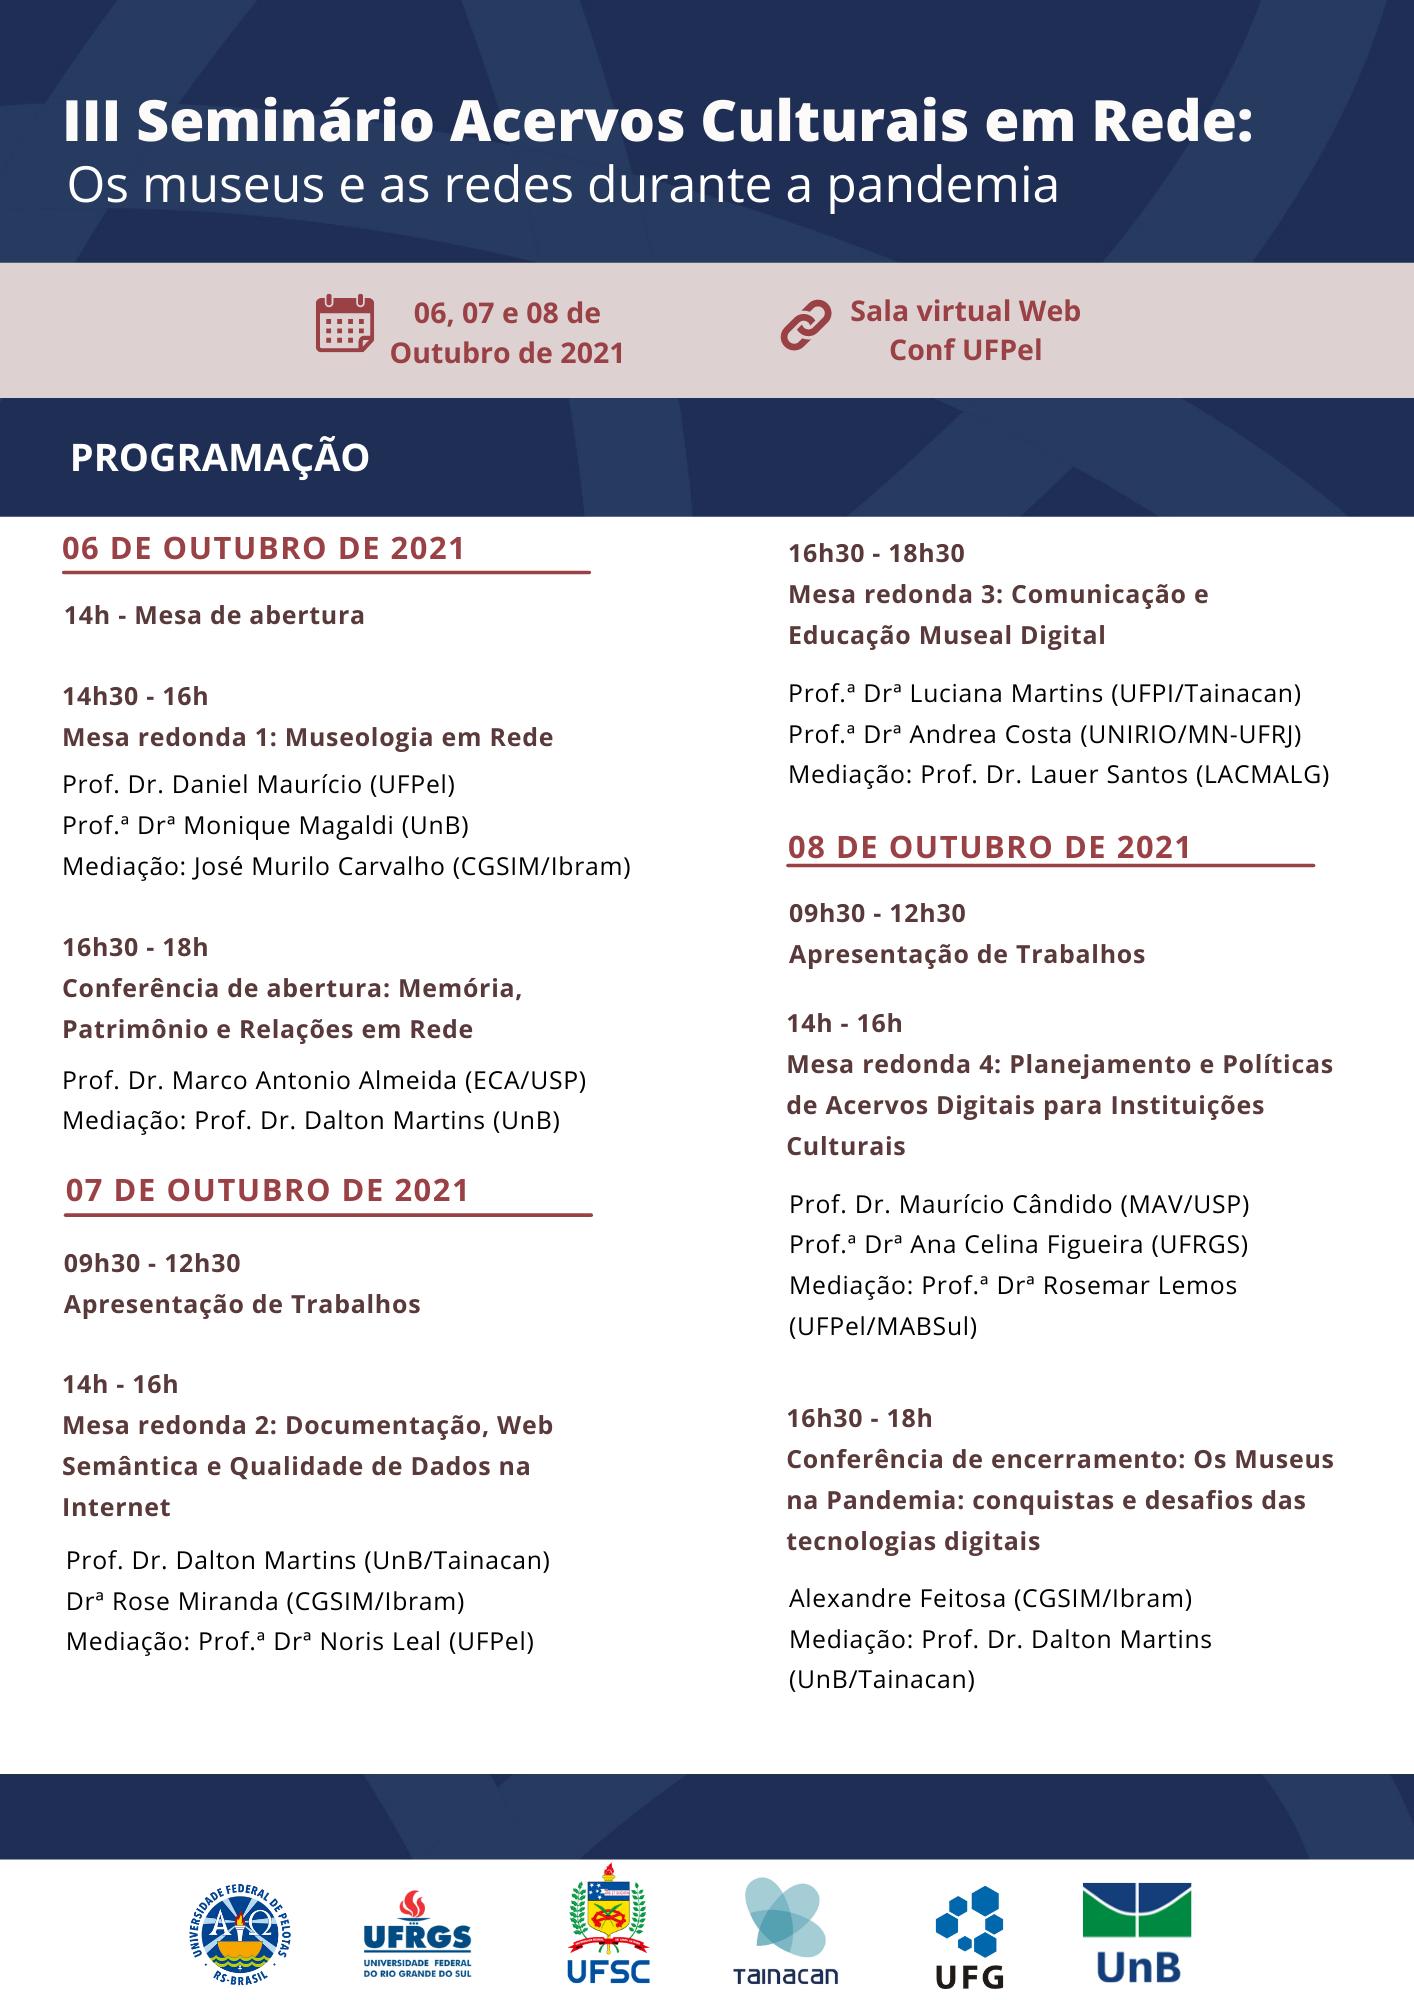 imagem: Abertas as inscrições para o 3º Seminário Acervos Culturais em Rede